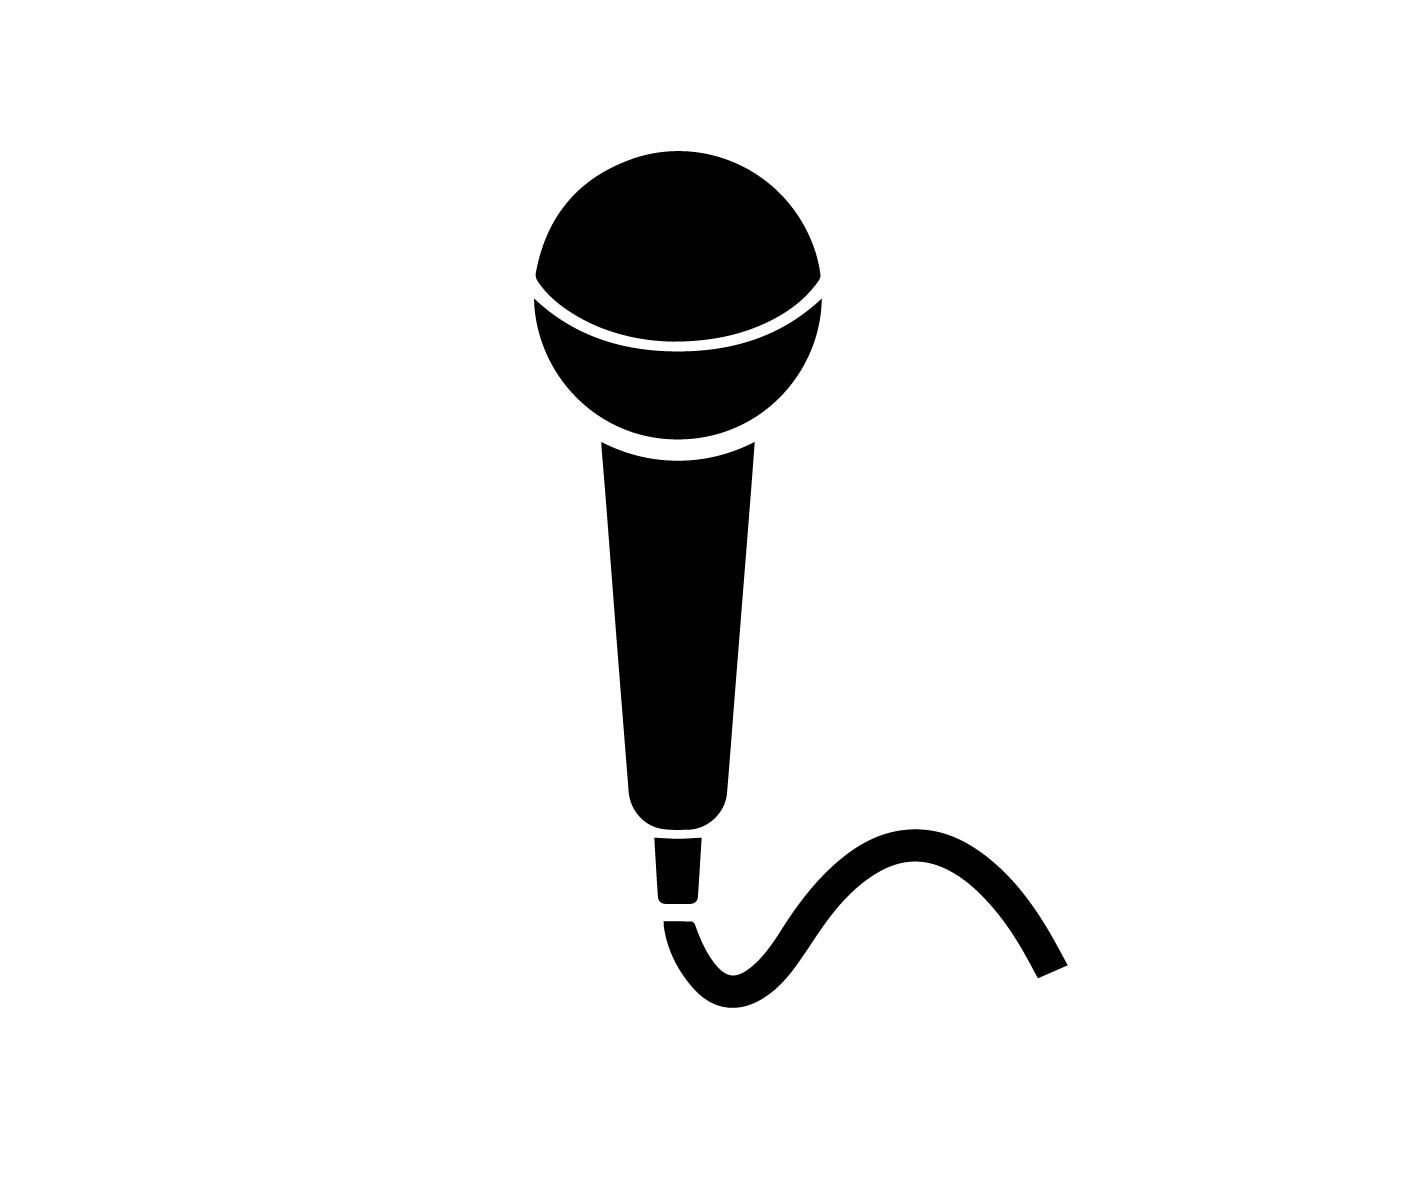 Diante dos membros do Superior Tribunal Militar (STM), Sobral Pinto denuncia a tortura como prática para arrancar confissões na defesado sindicalista e ex-deputado constituinte sergipano Oswaldo Pacheco, preso em São Paulo em 1975; a audiência era fechada e a gravação só foi revelada anos após o fim da ditadura